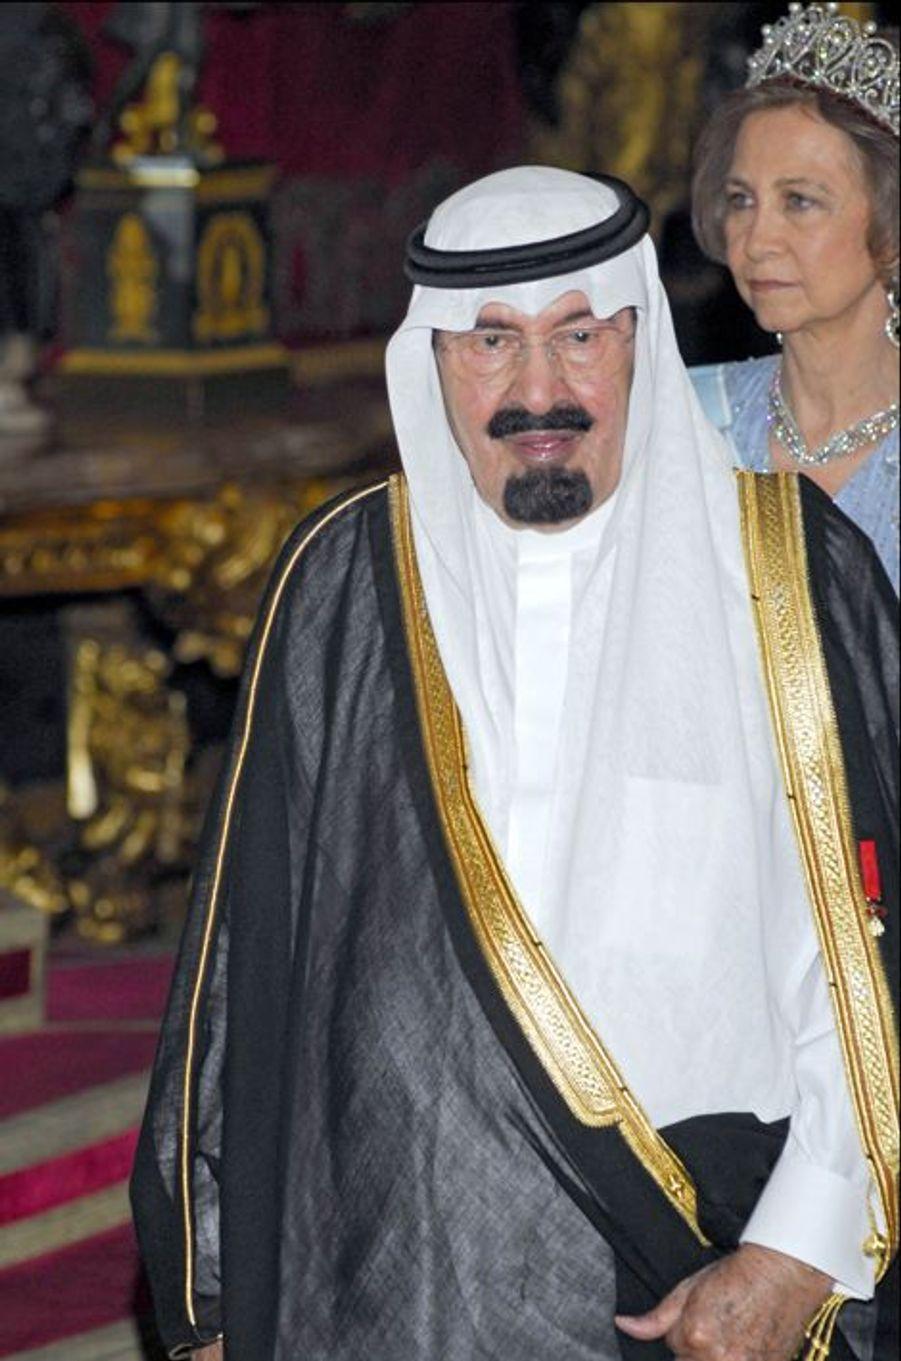 Le roi Abdallah avec la reine Sophia d'Espagne (photo non datée)